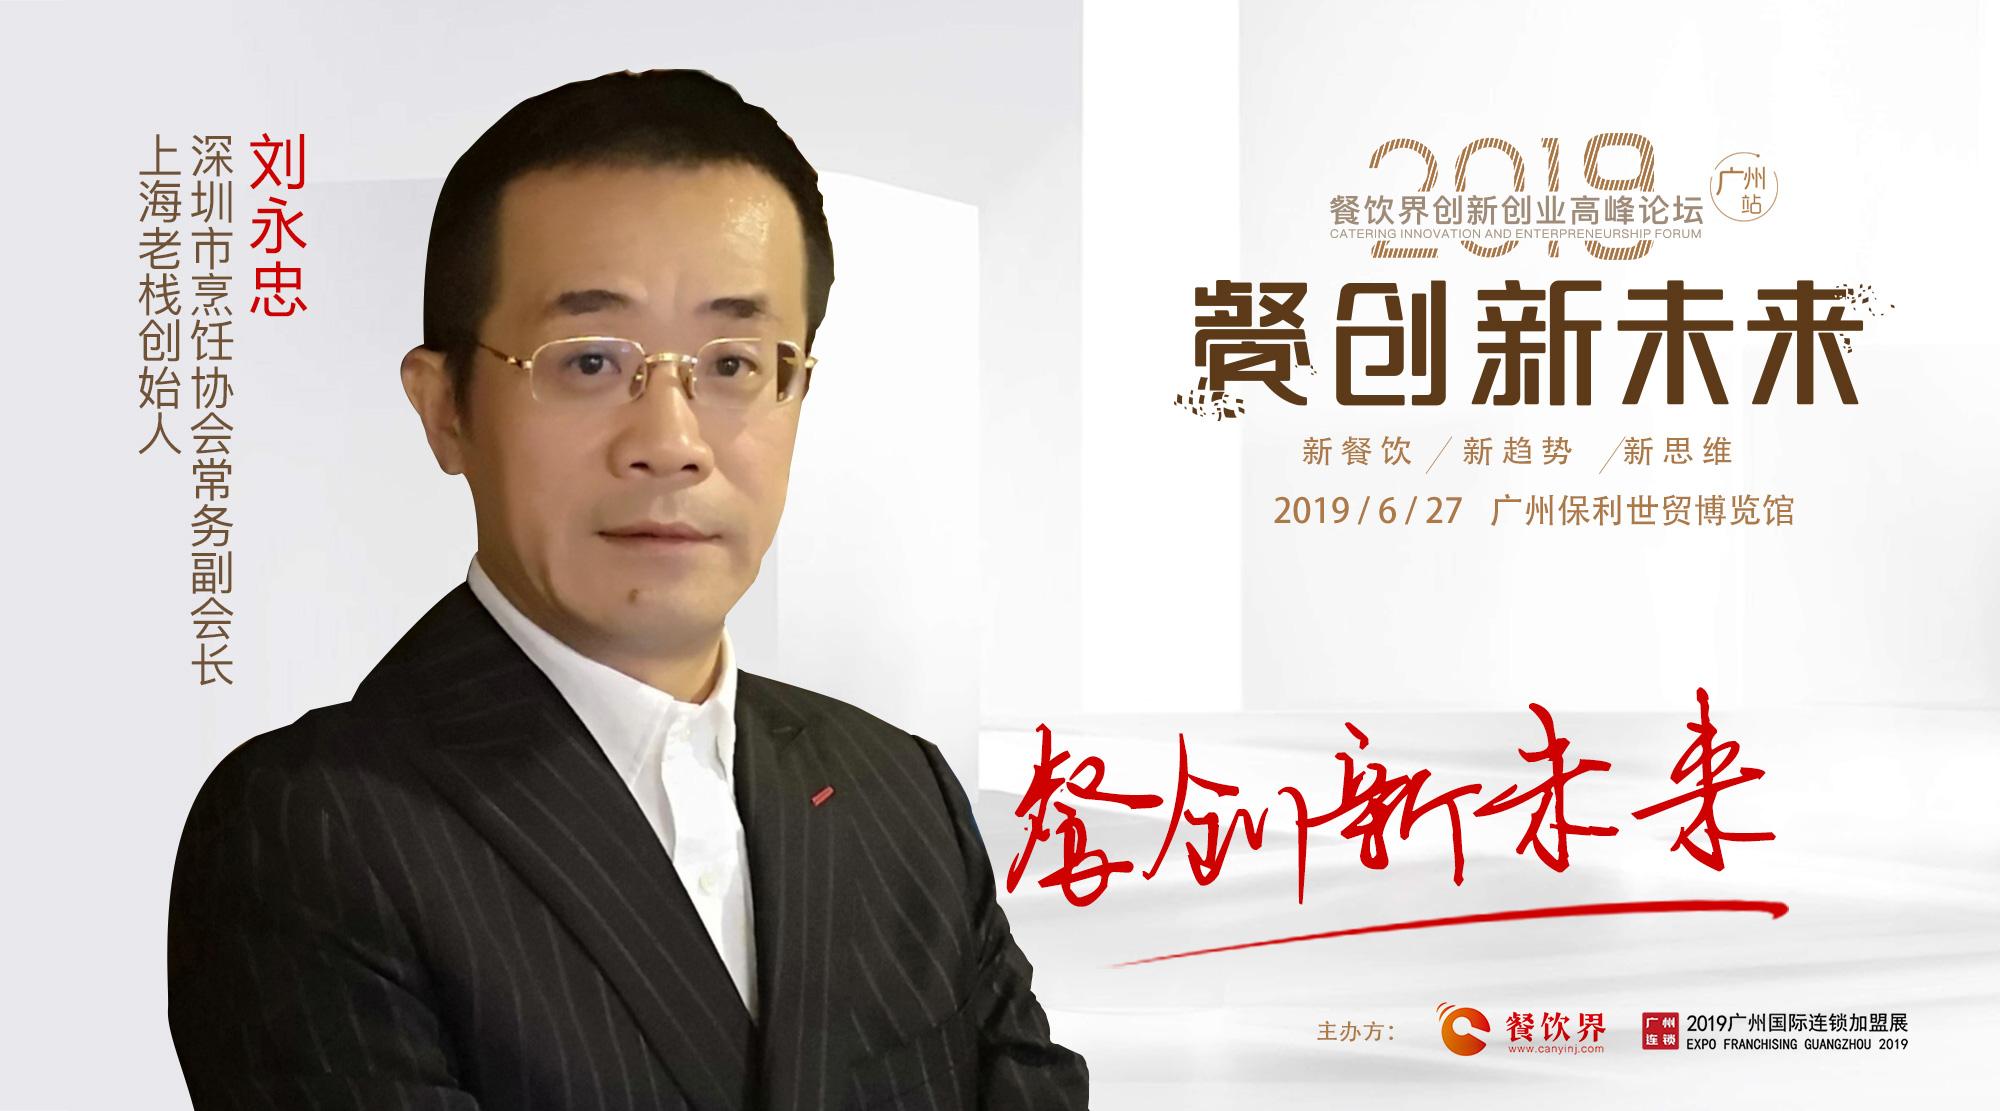 横版所有个人微信嘉宾海报(1080<em></em>x600)-刘永忠.jpg